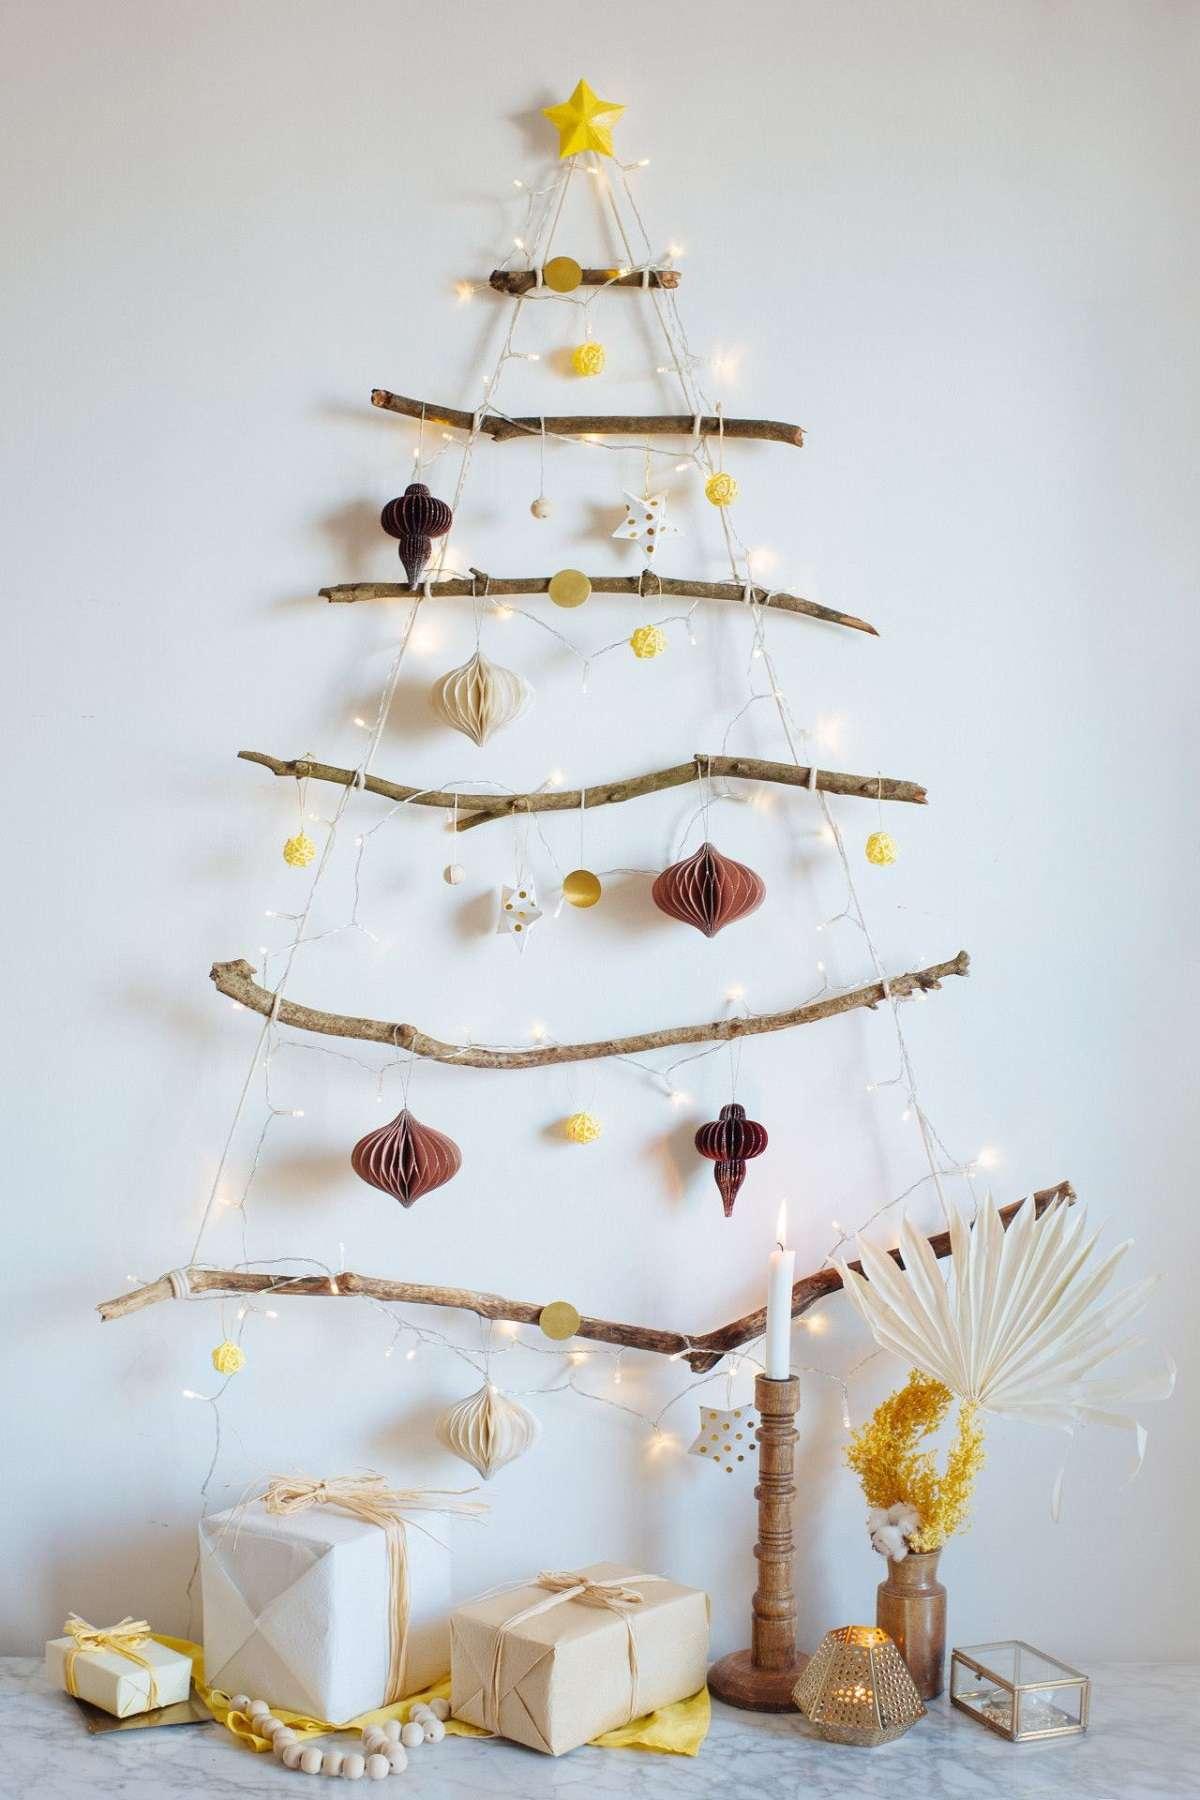 10 DIY de Navidad originales para decorar tu hogar 2